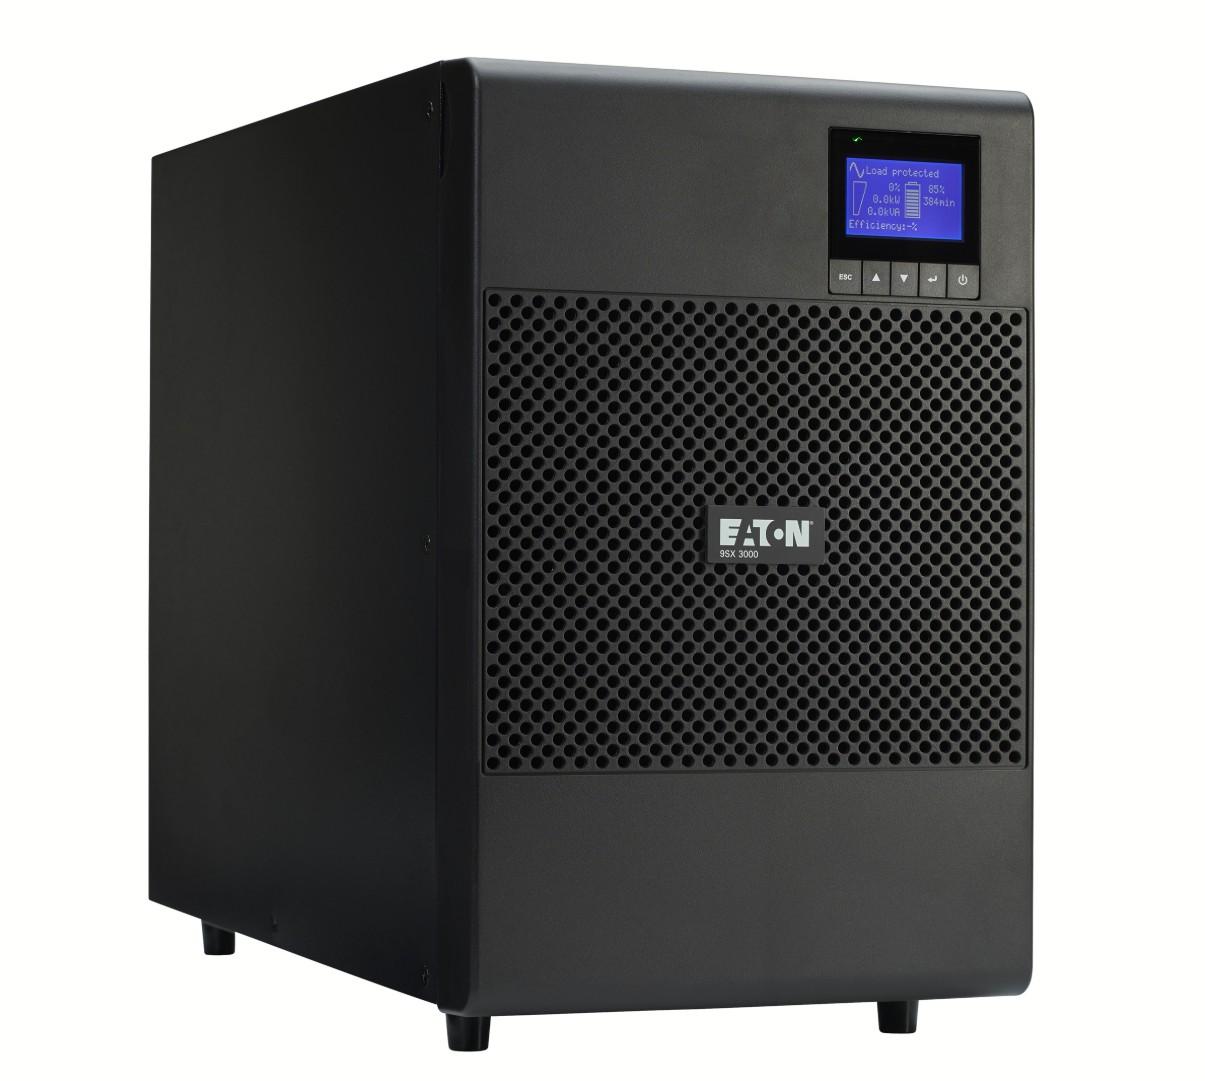 ИБП UPS - защищает от скачков напряжения и отключения электрического питания в сети.